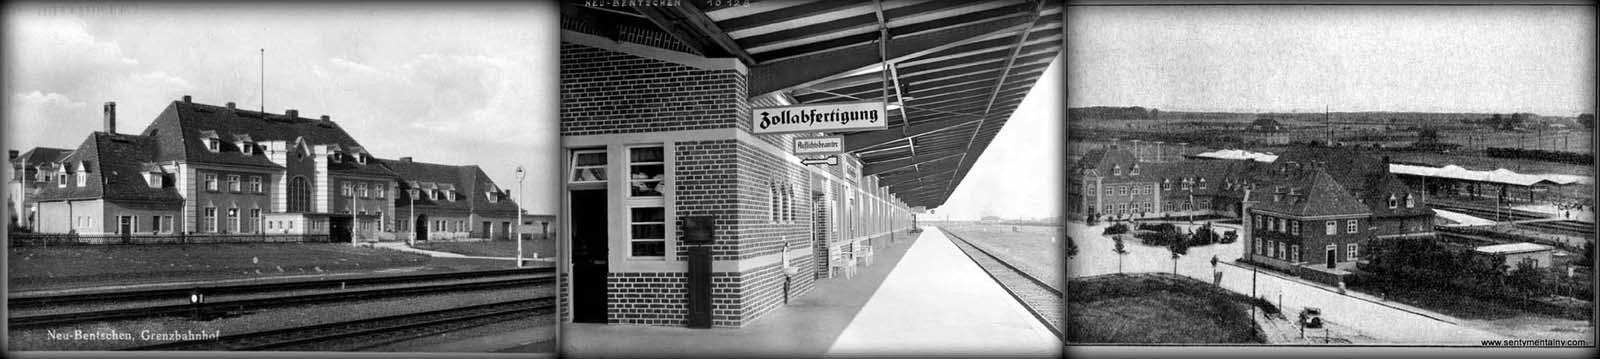 Od lewej: Dworzec do 1944 roku, przed wybudowaniem przejścia podziemnego Widaać przejście kładką. Peron celny drugi. Po prawej nie ma jeszcze peronu trzeciego. Widok z 1930 roku.